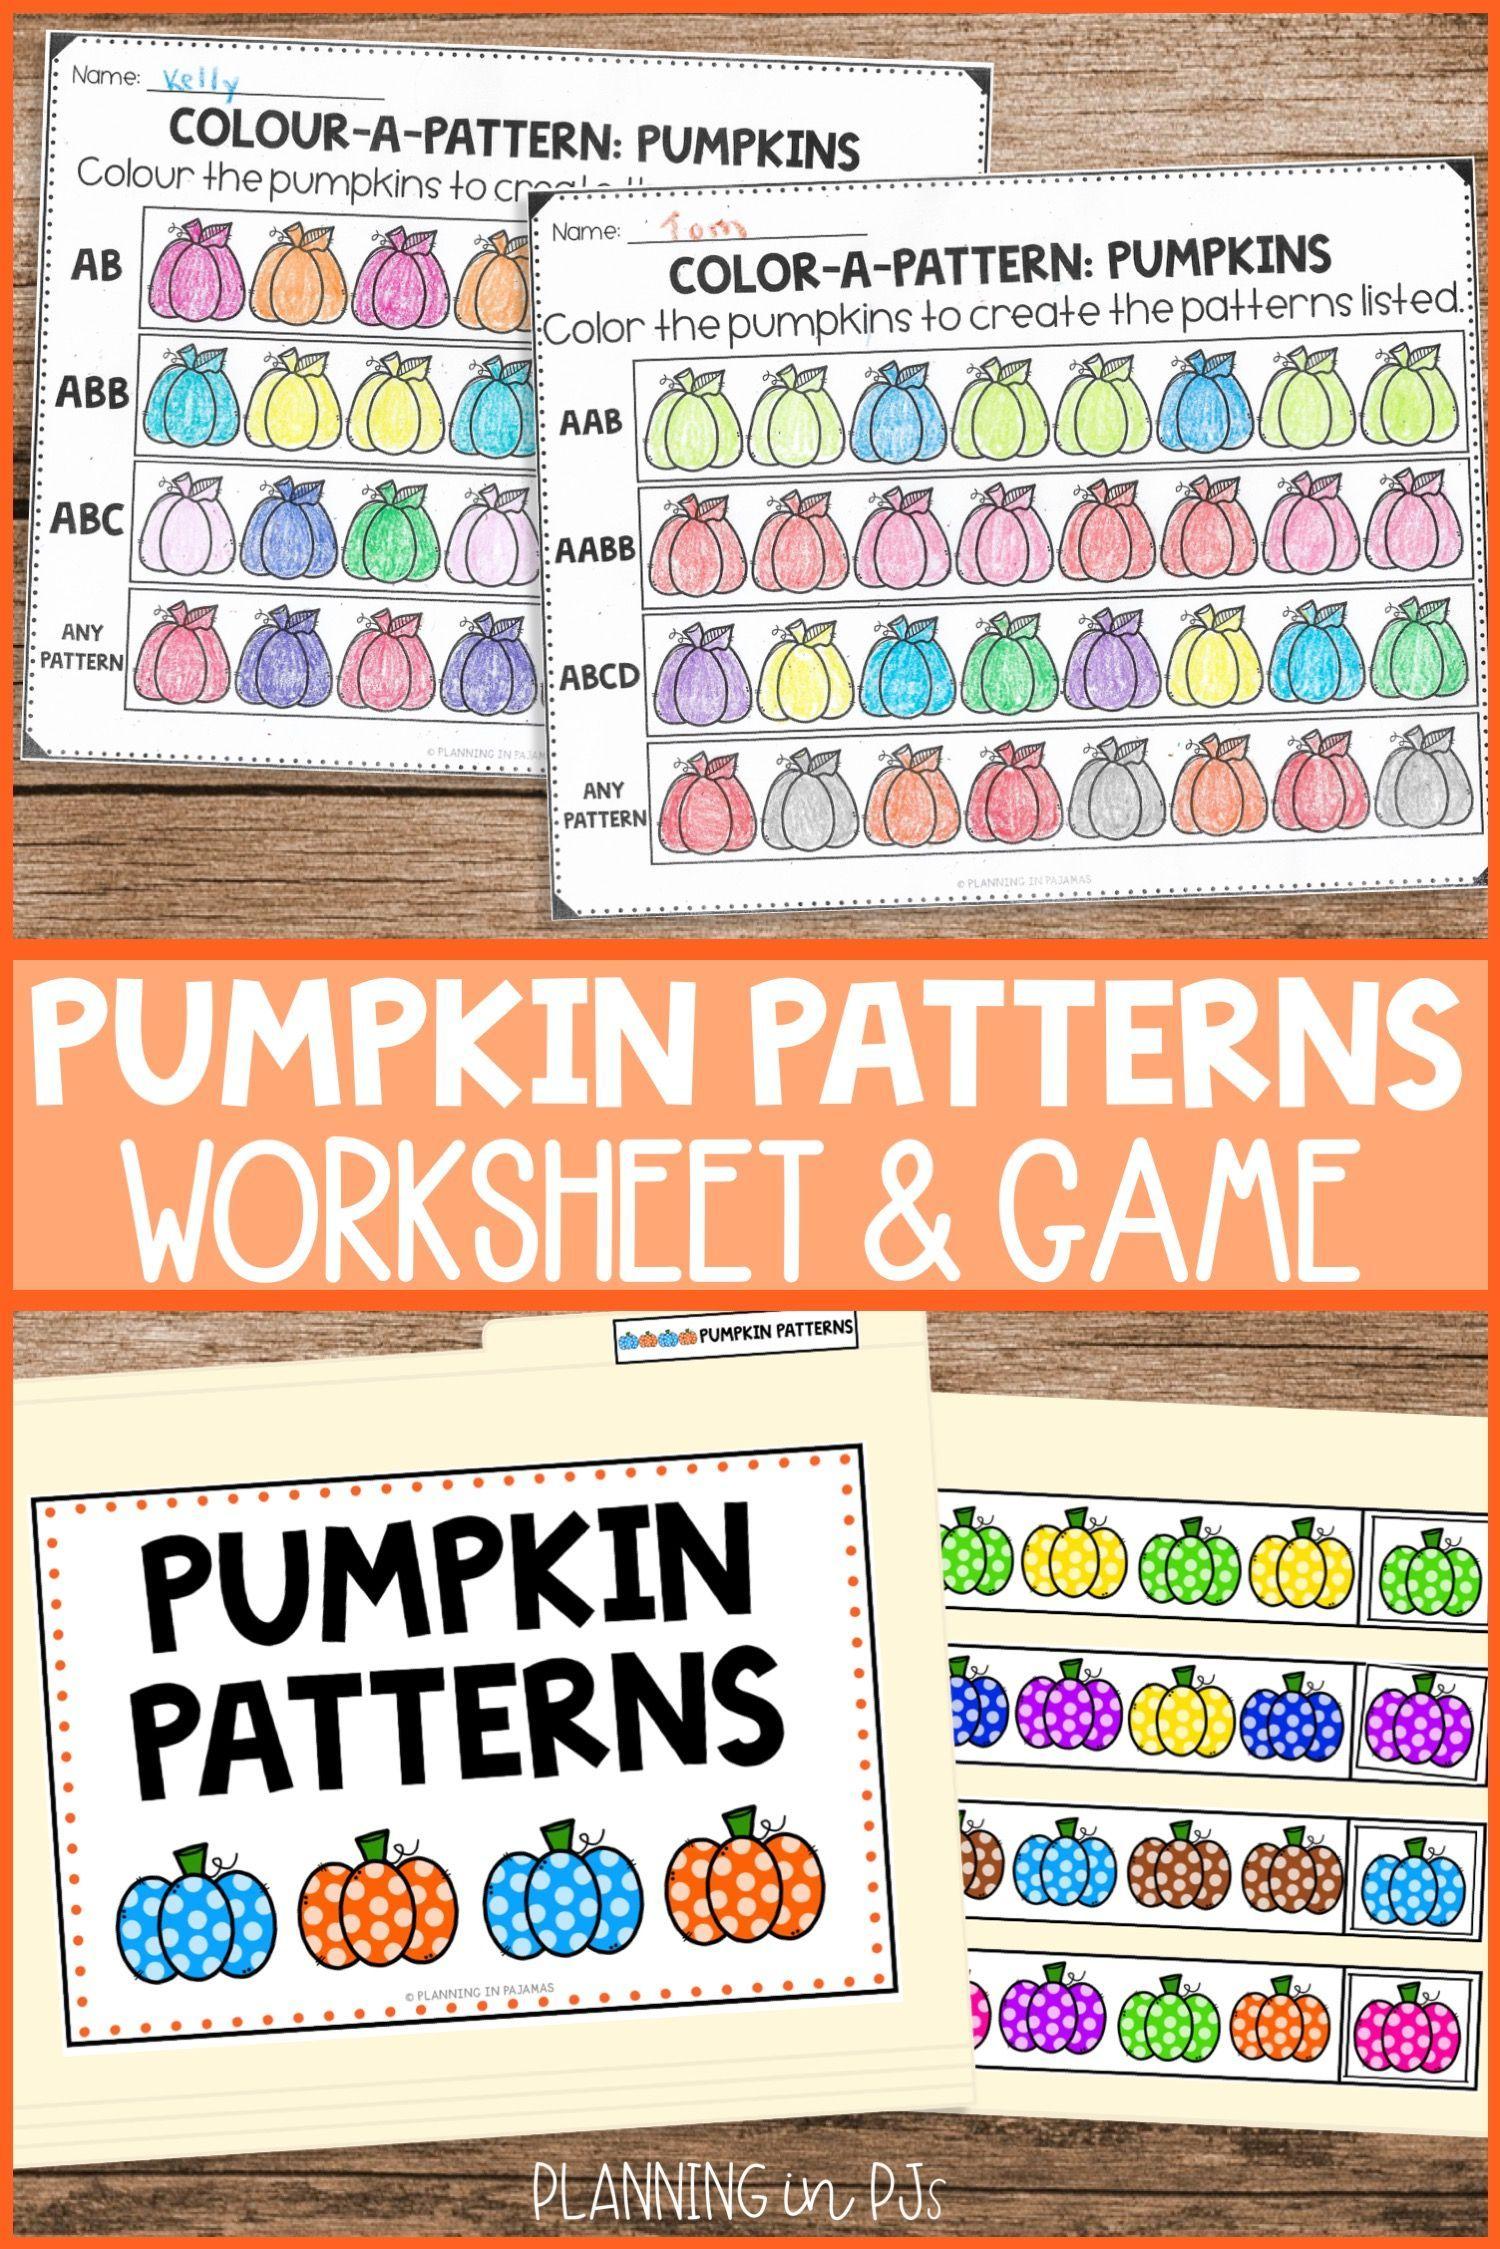 Pumpkin Patterns Worksheets File Folder Game Pattern Worksheet File Folder Games Preschool Folder Games [ 2249 x 1500 Pixel ]